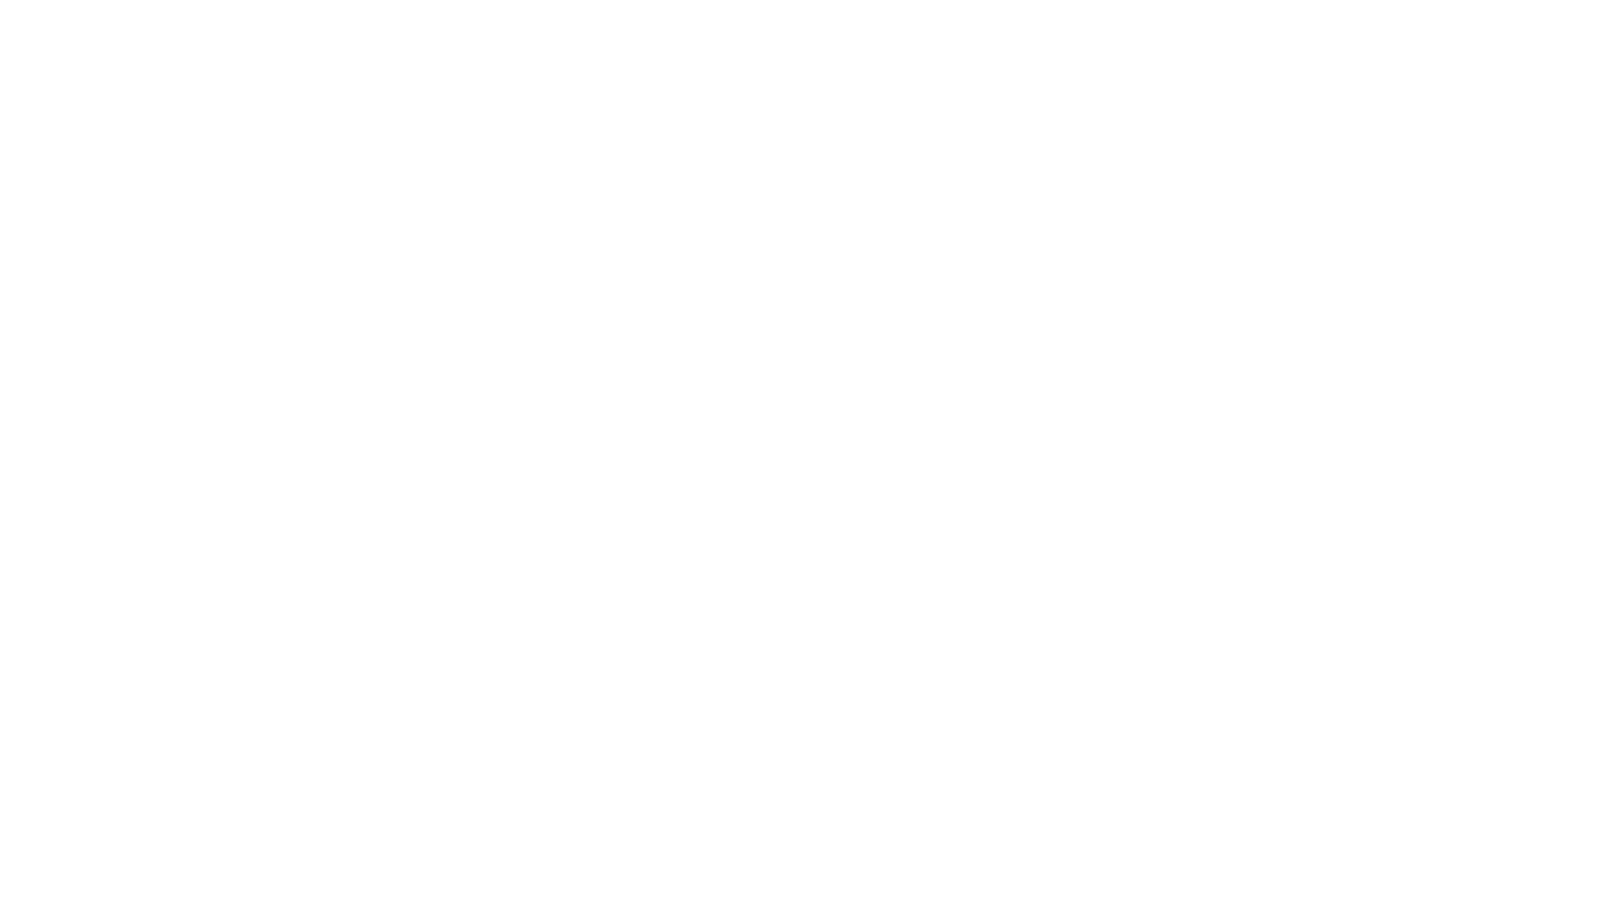 El 20 de setembre de 1991 l'Esbart Santa Tecla va estrenar i incorporar a les Festes de Santa Tecla el Retaule. Creat per Jaume Guasch Pujolà una representació hagiogràfica de la vida de la Santa en el format de les moixigangues de la Catalunya nova. L'espectacle s'ha representat des d'aquell any cada 20 de setembre encetant la seqüència riutual i la part més tradicional de les Festes de Santa Tecla.  Direcció general: Jaume Guasch Pujolà Mùsica: Francesc Cassú   L'enrregistrament d'aquell any va anar a càrrec de Foto FER-VI